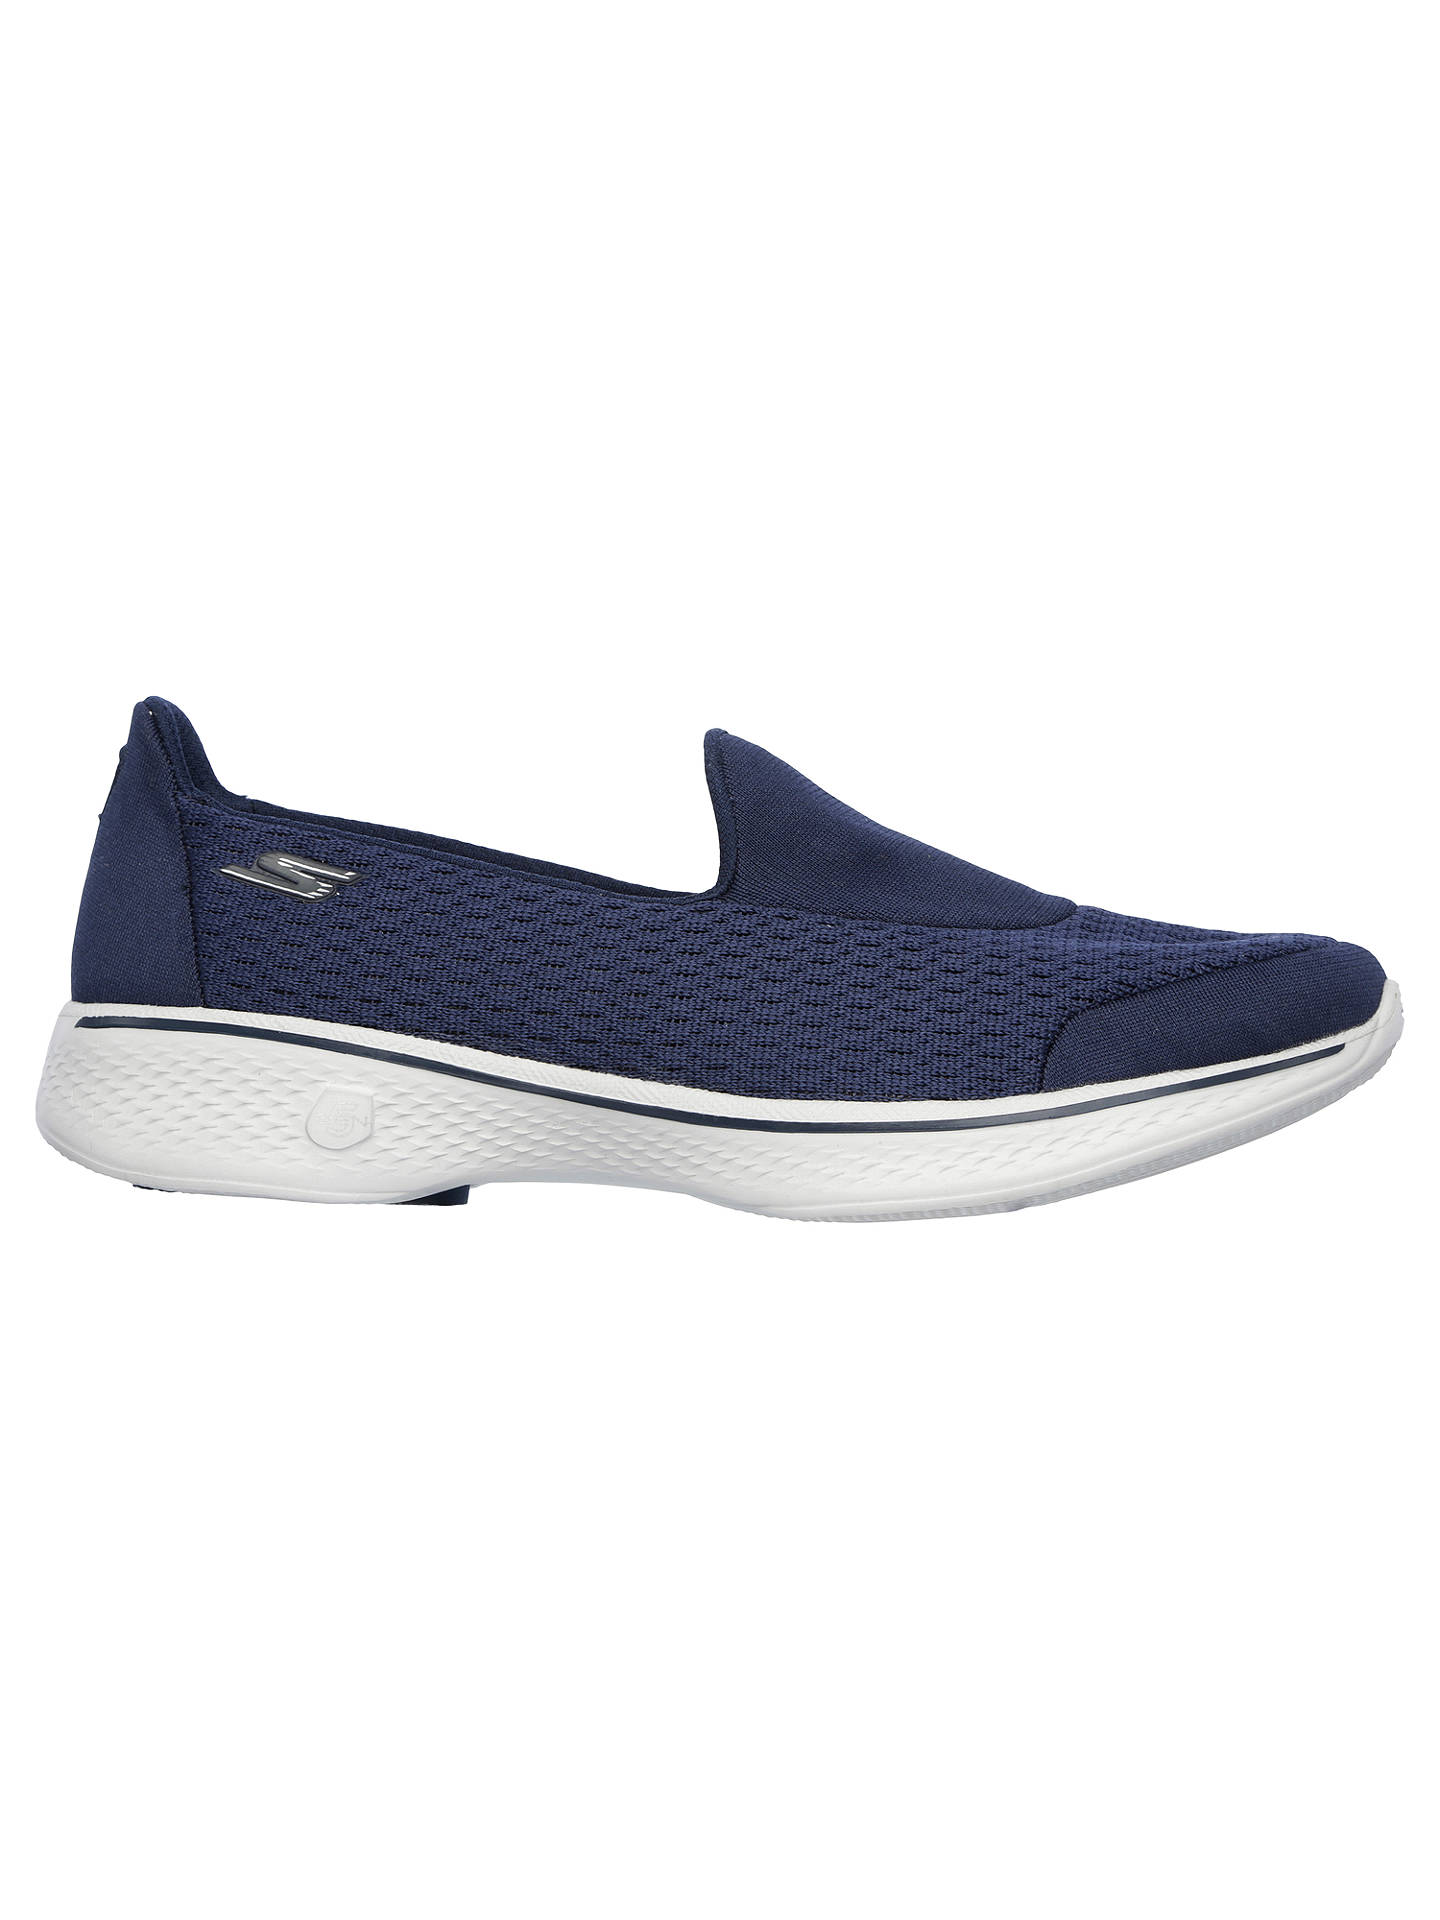 02983b284d88 Buy Skechers Go Walk 4 Pursuit Trainers